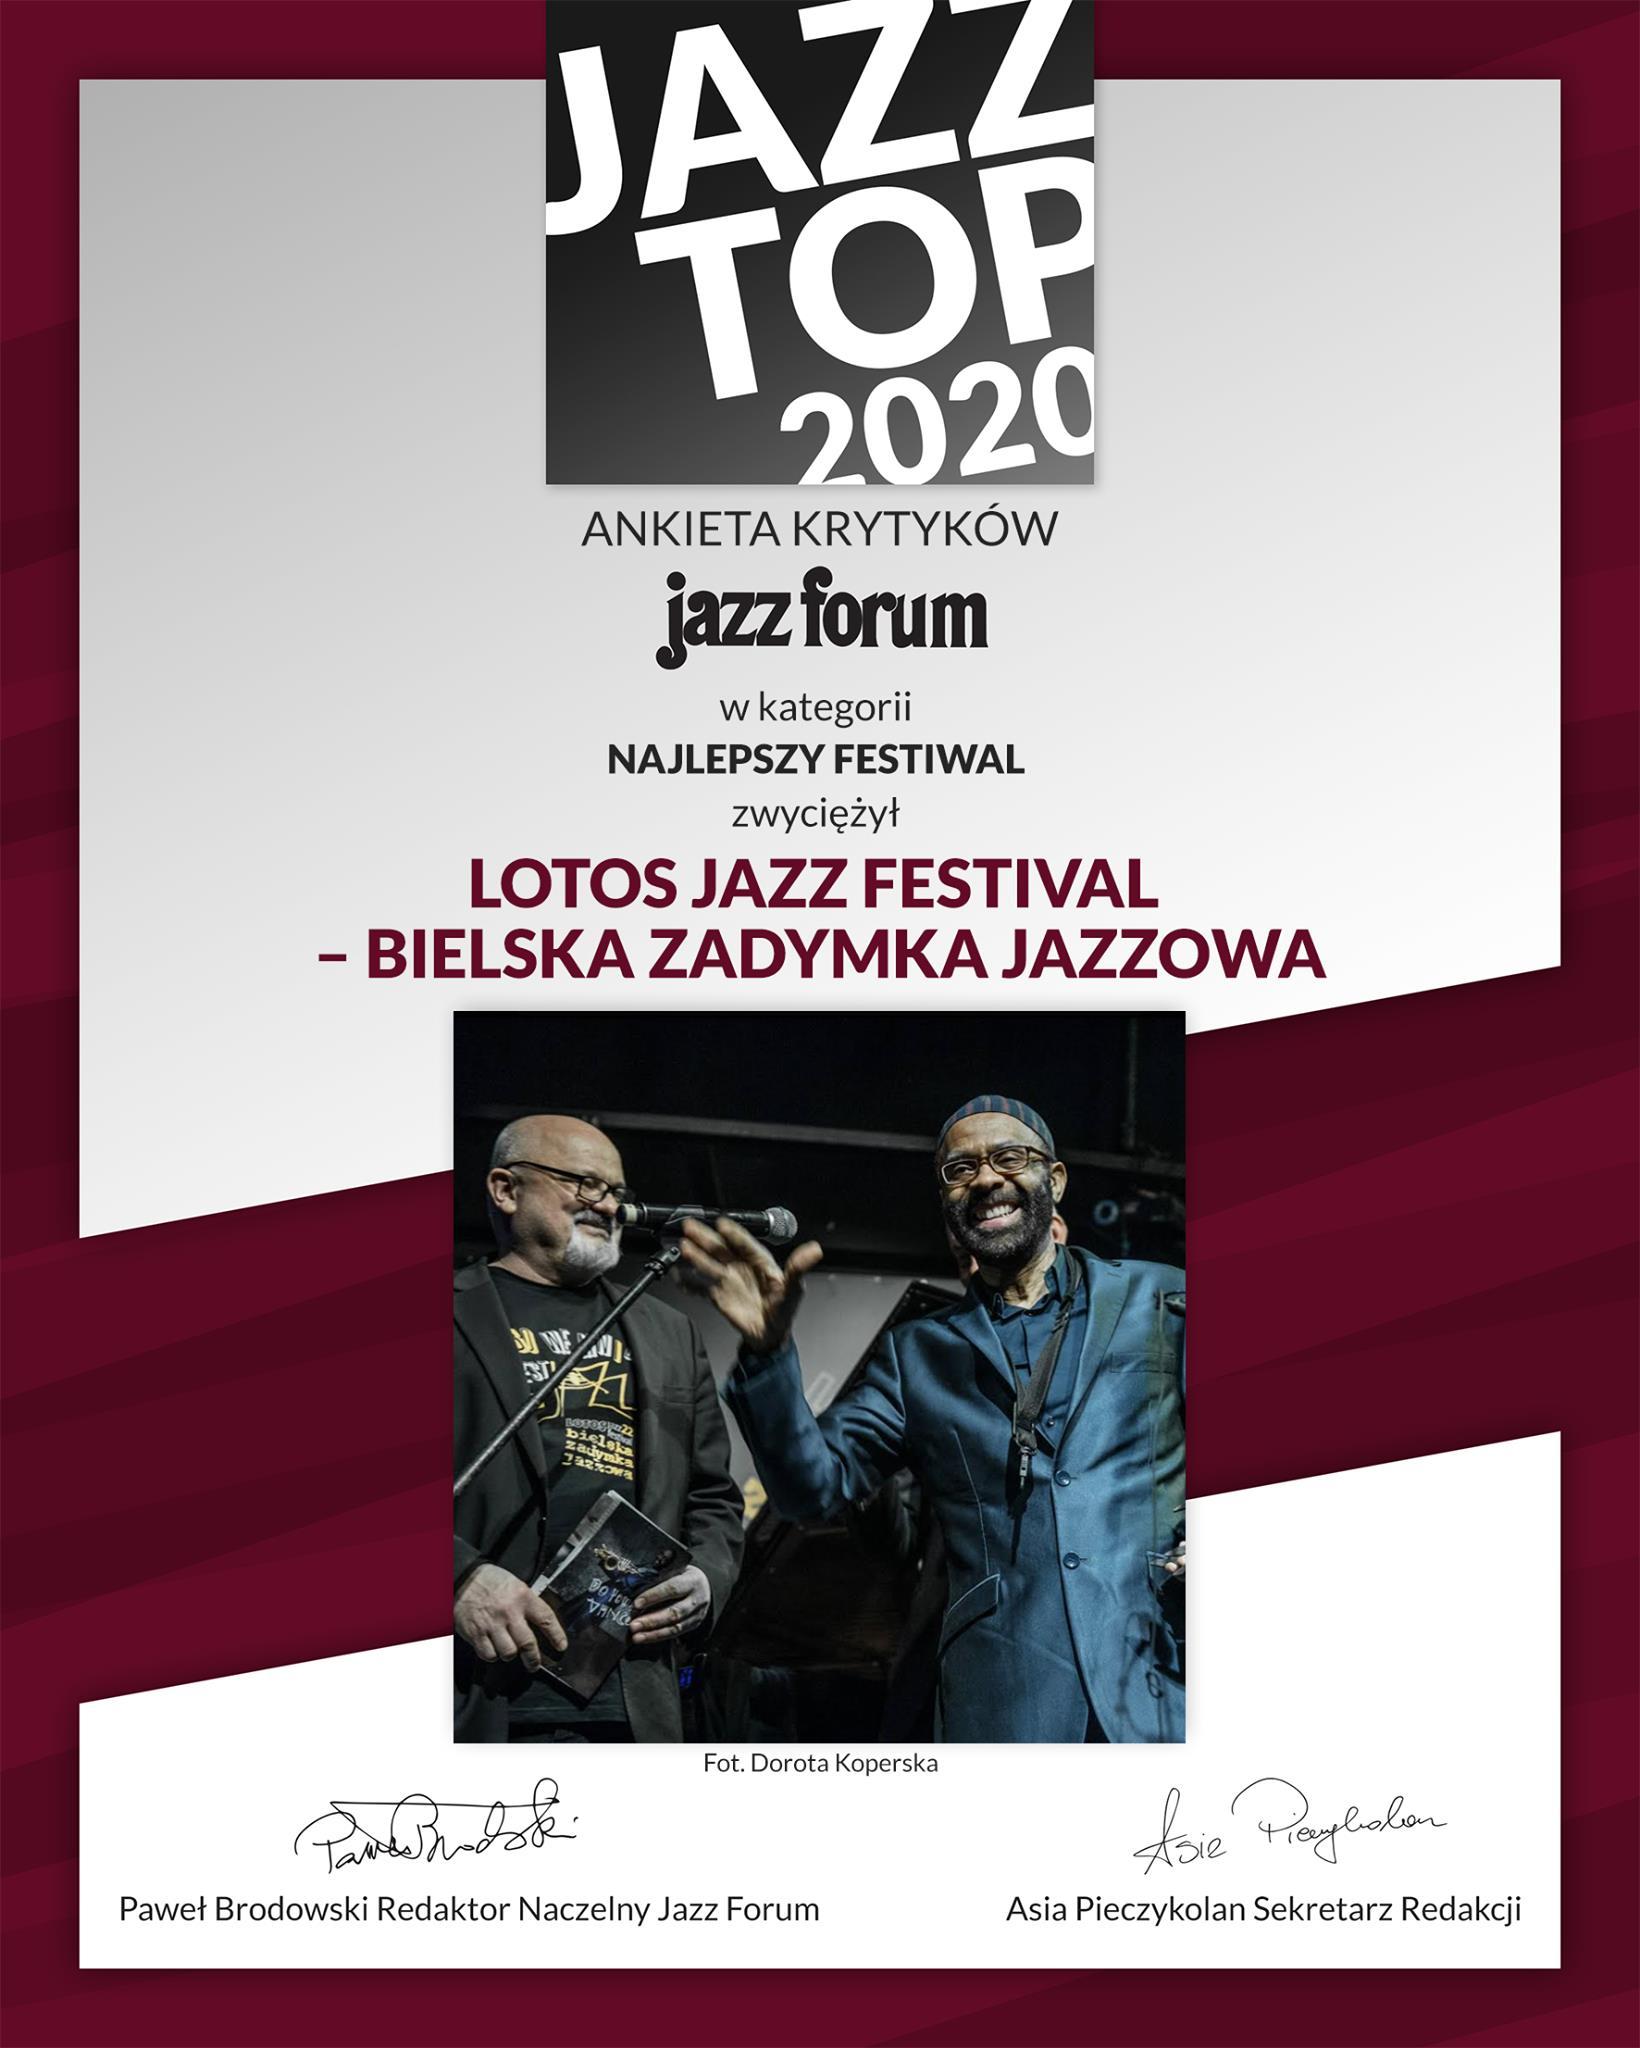 Dyplom Jazz Top 2020 dla Najlepszego Festiwalu